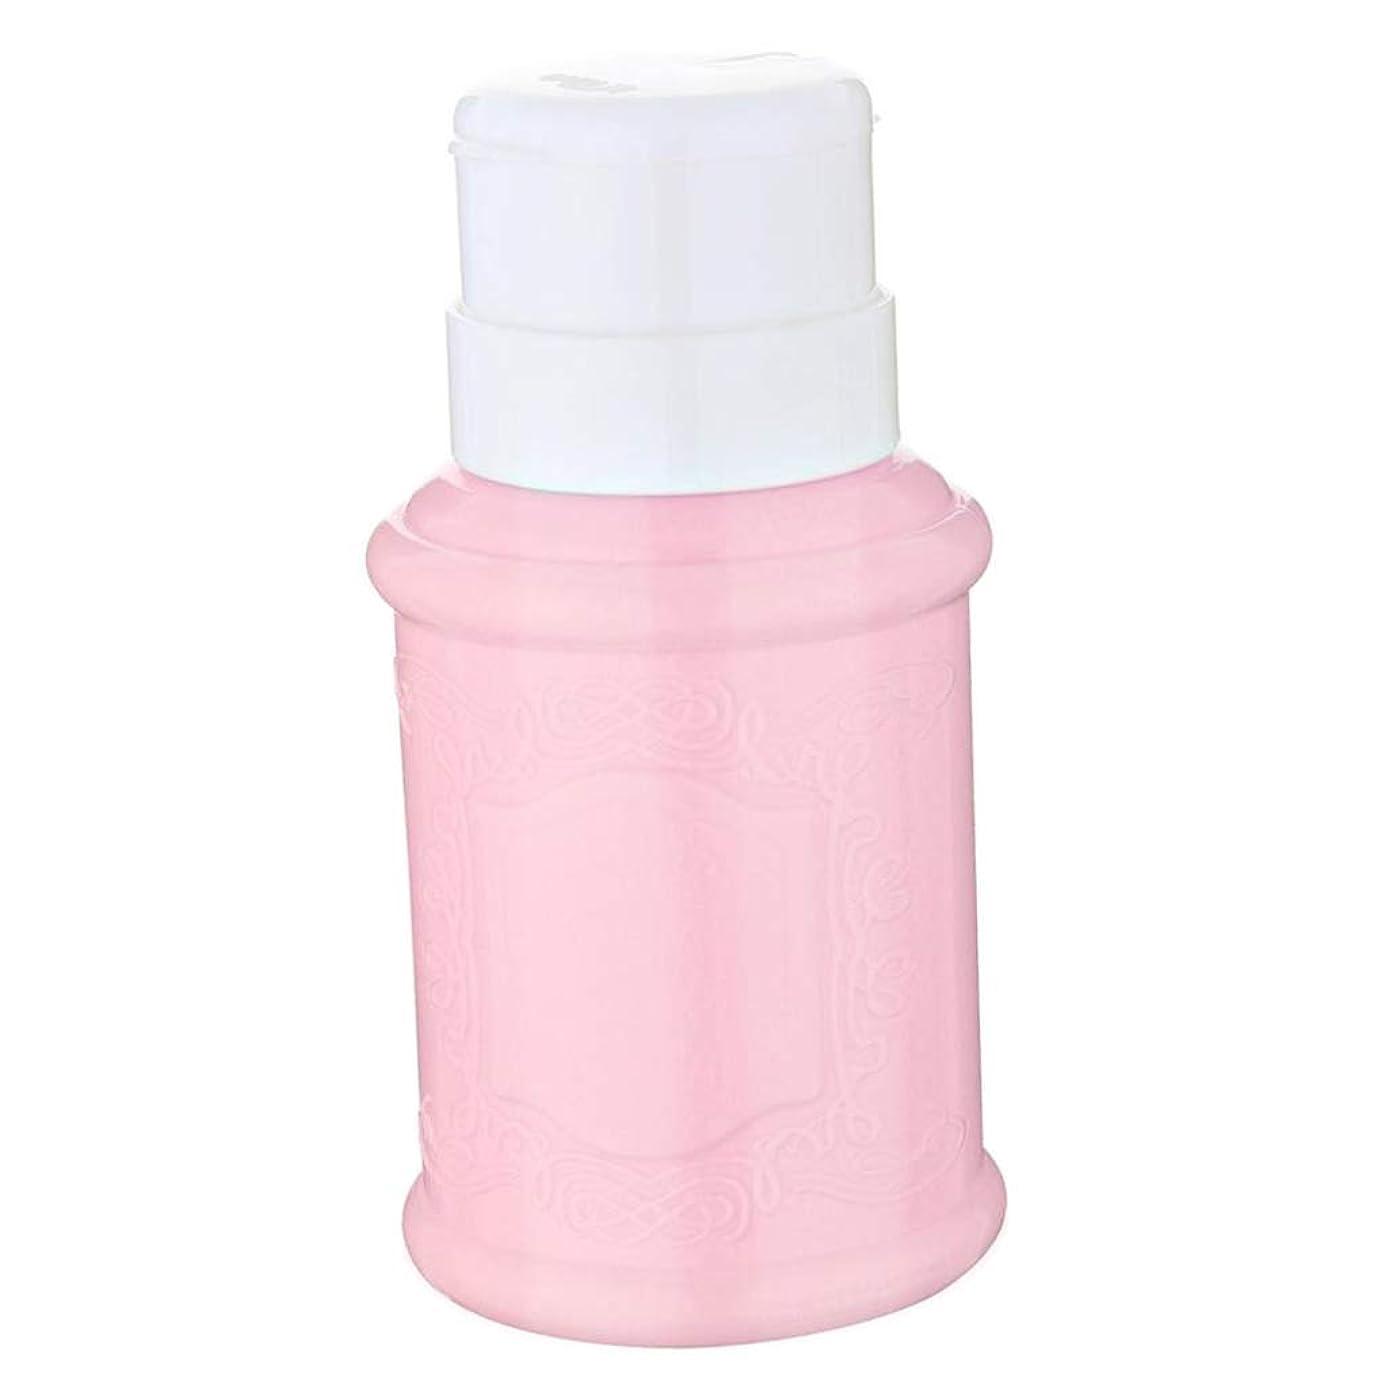 悪意ドームリマークCUTICATE 全3色 空ポンプ ボトル ネイルクリーナーボトル ポンプディスペンサー ジェルクリーナ - ピンク